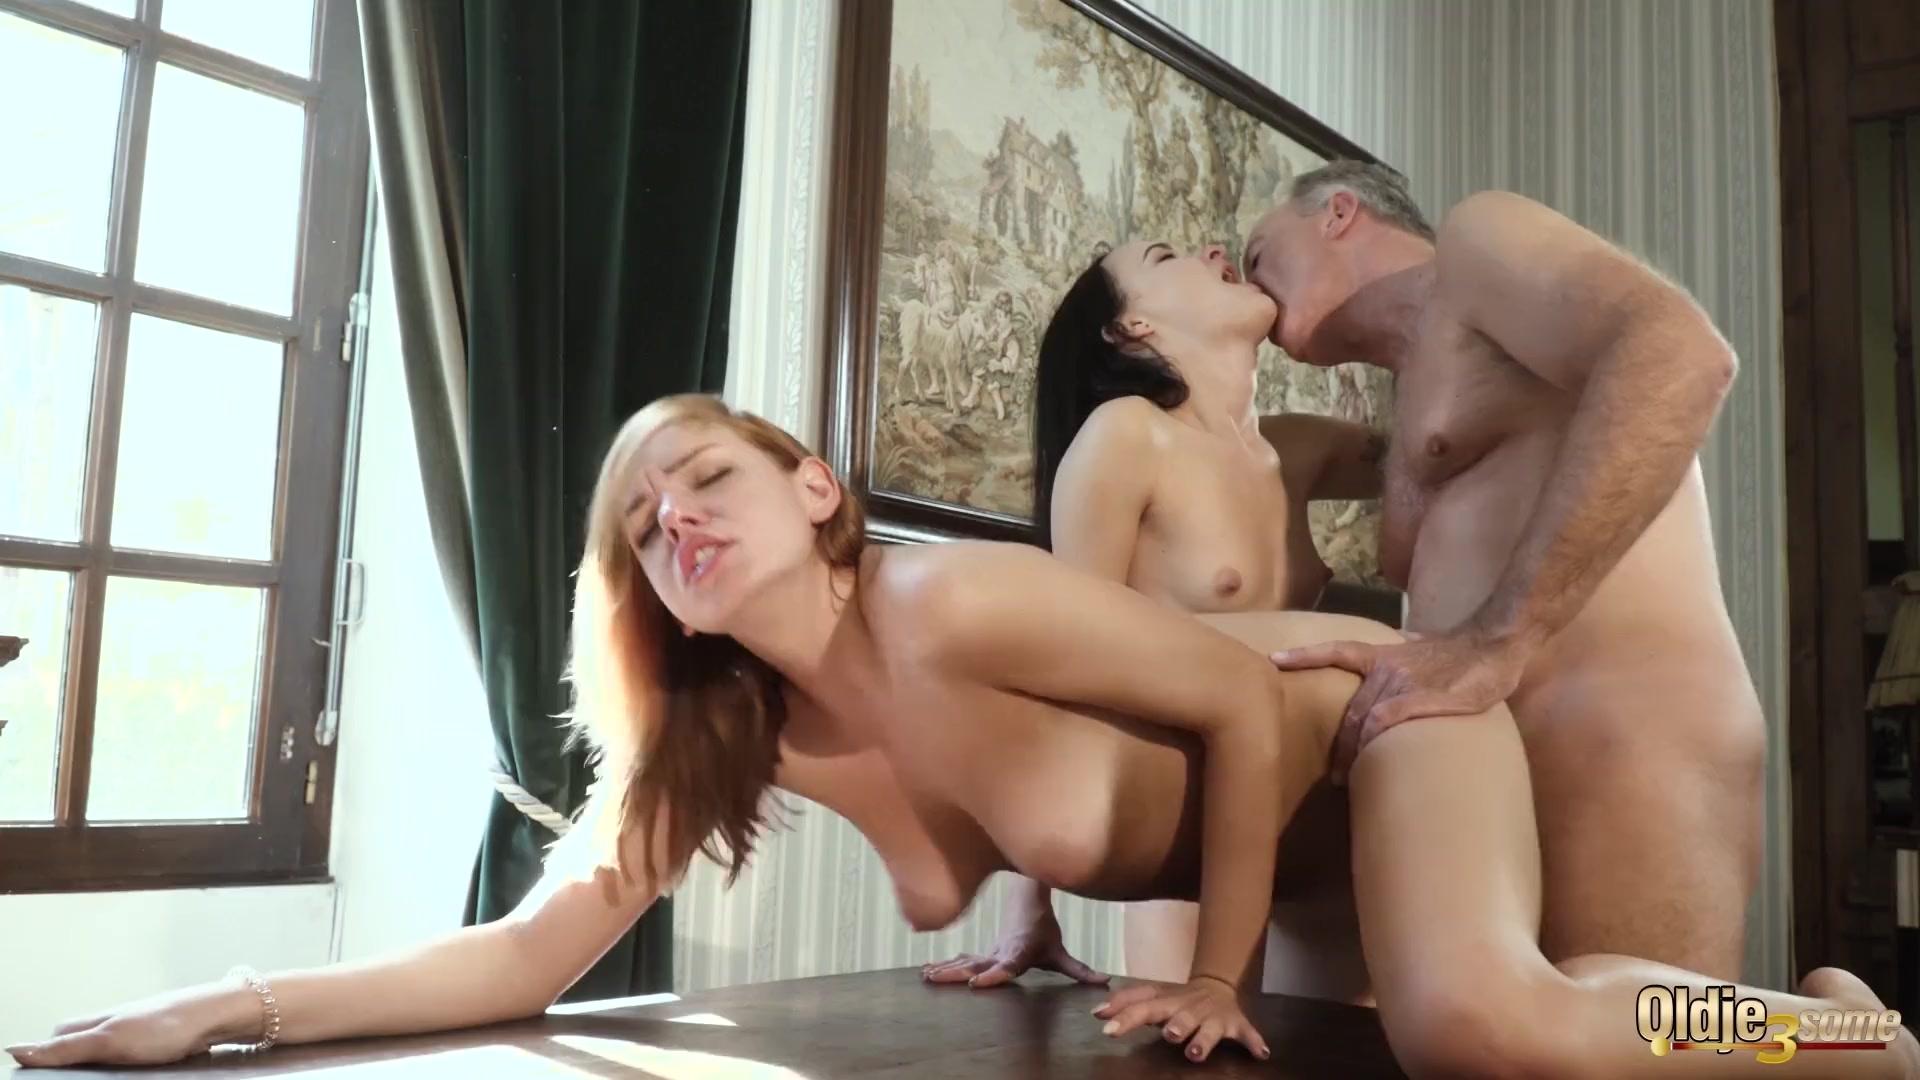 Natalie horler nackt